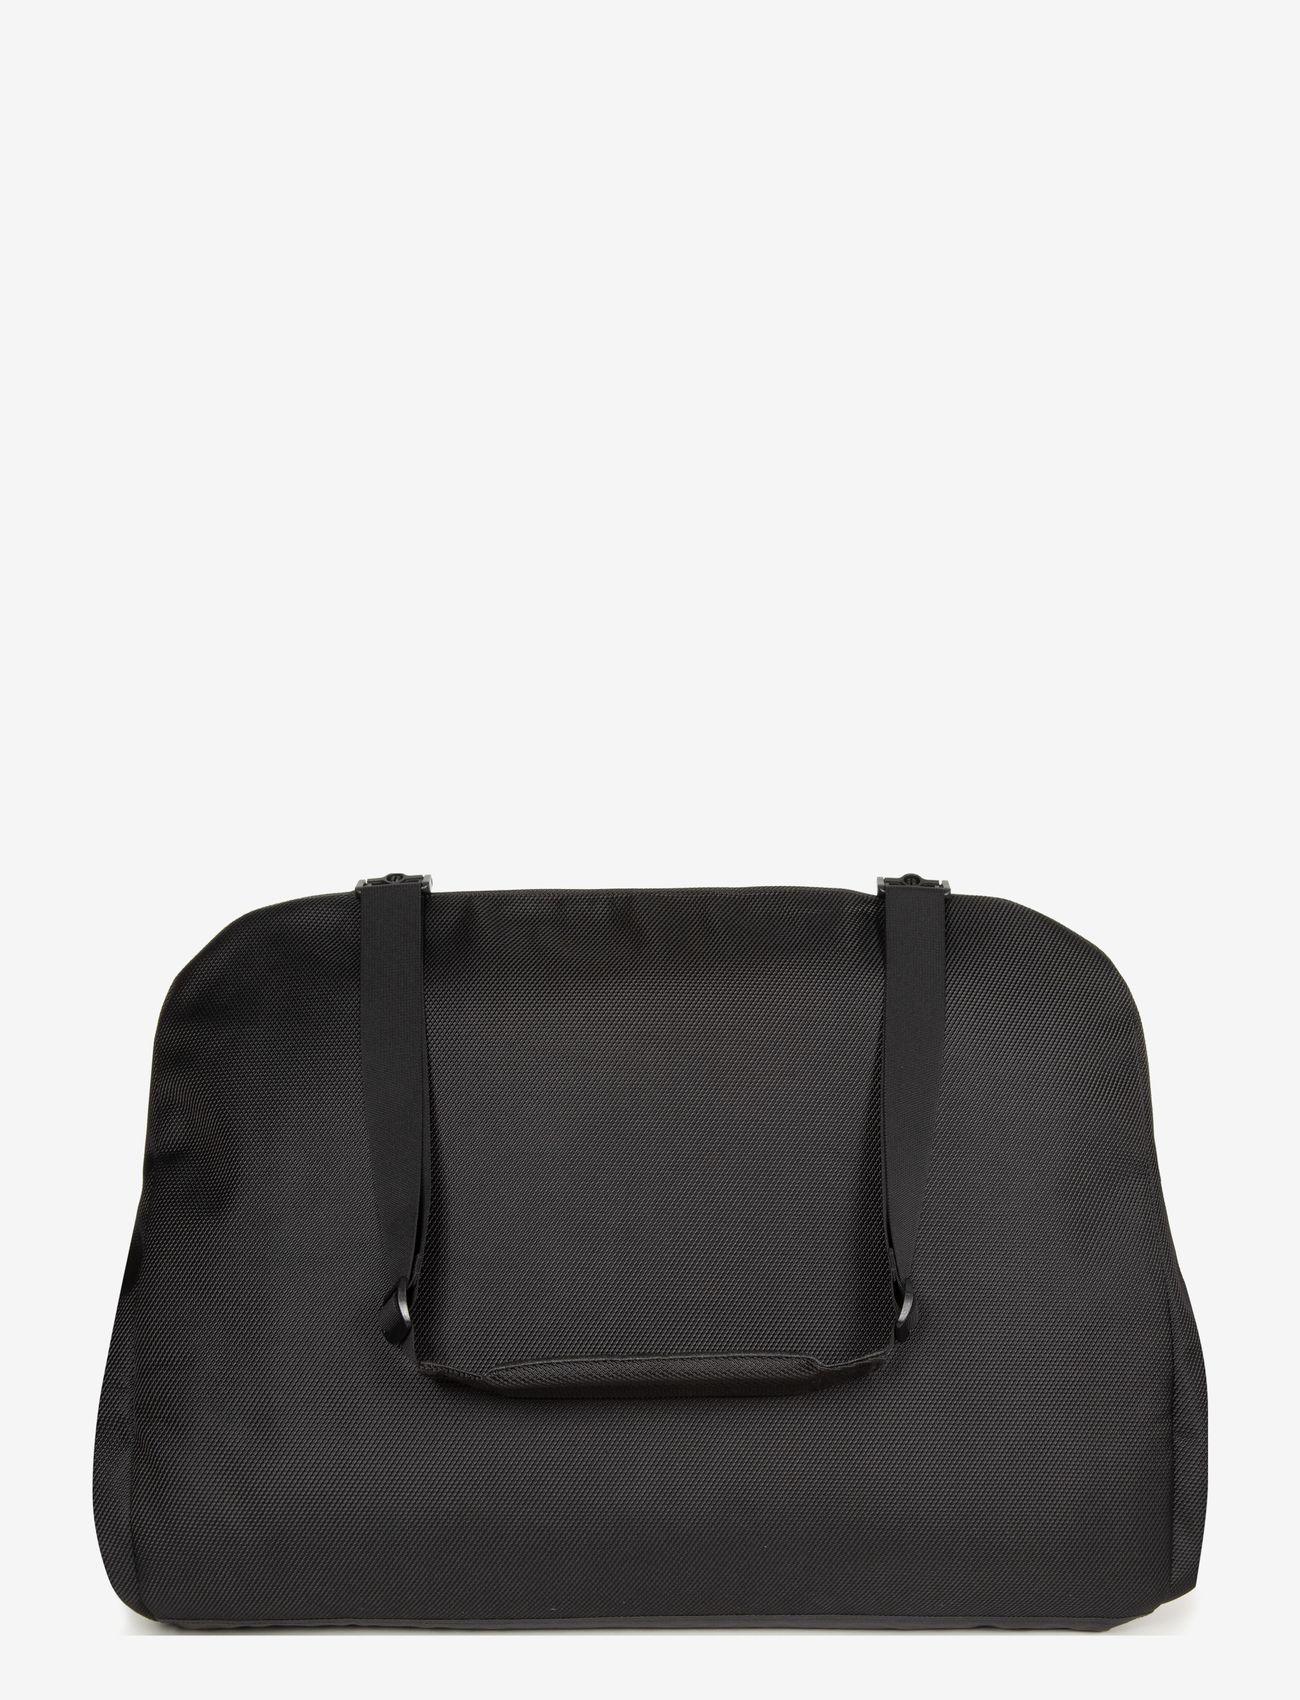 Eastpak - GERALD - weekend bags - cnnct coat - 1